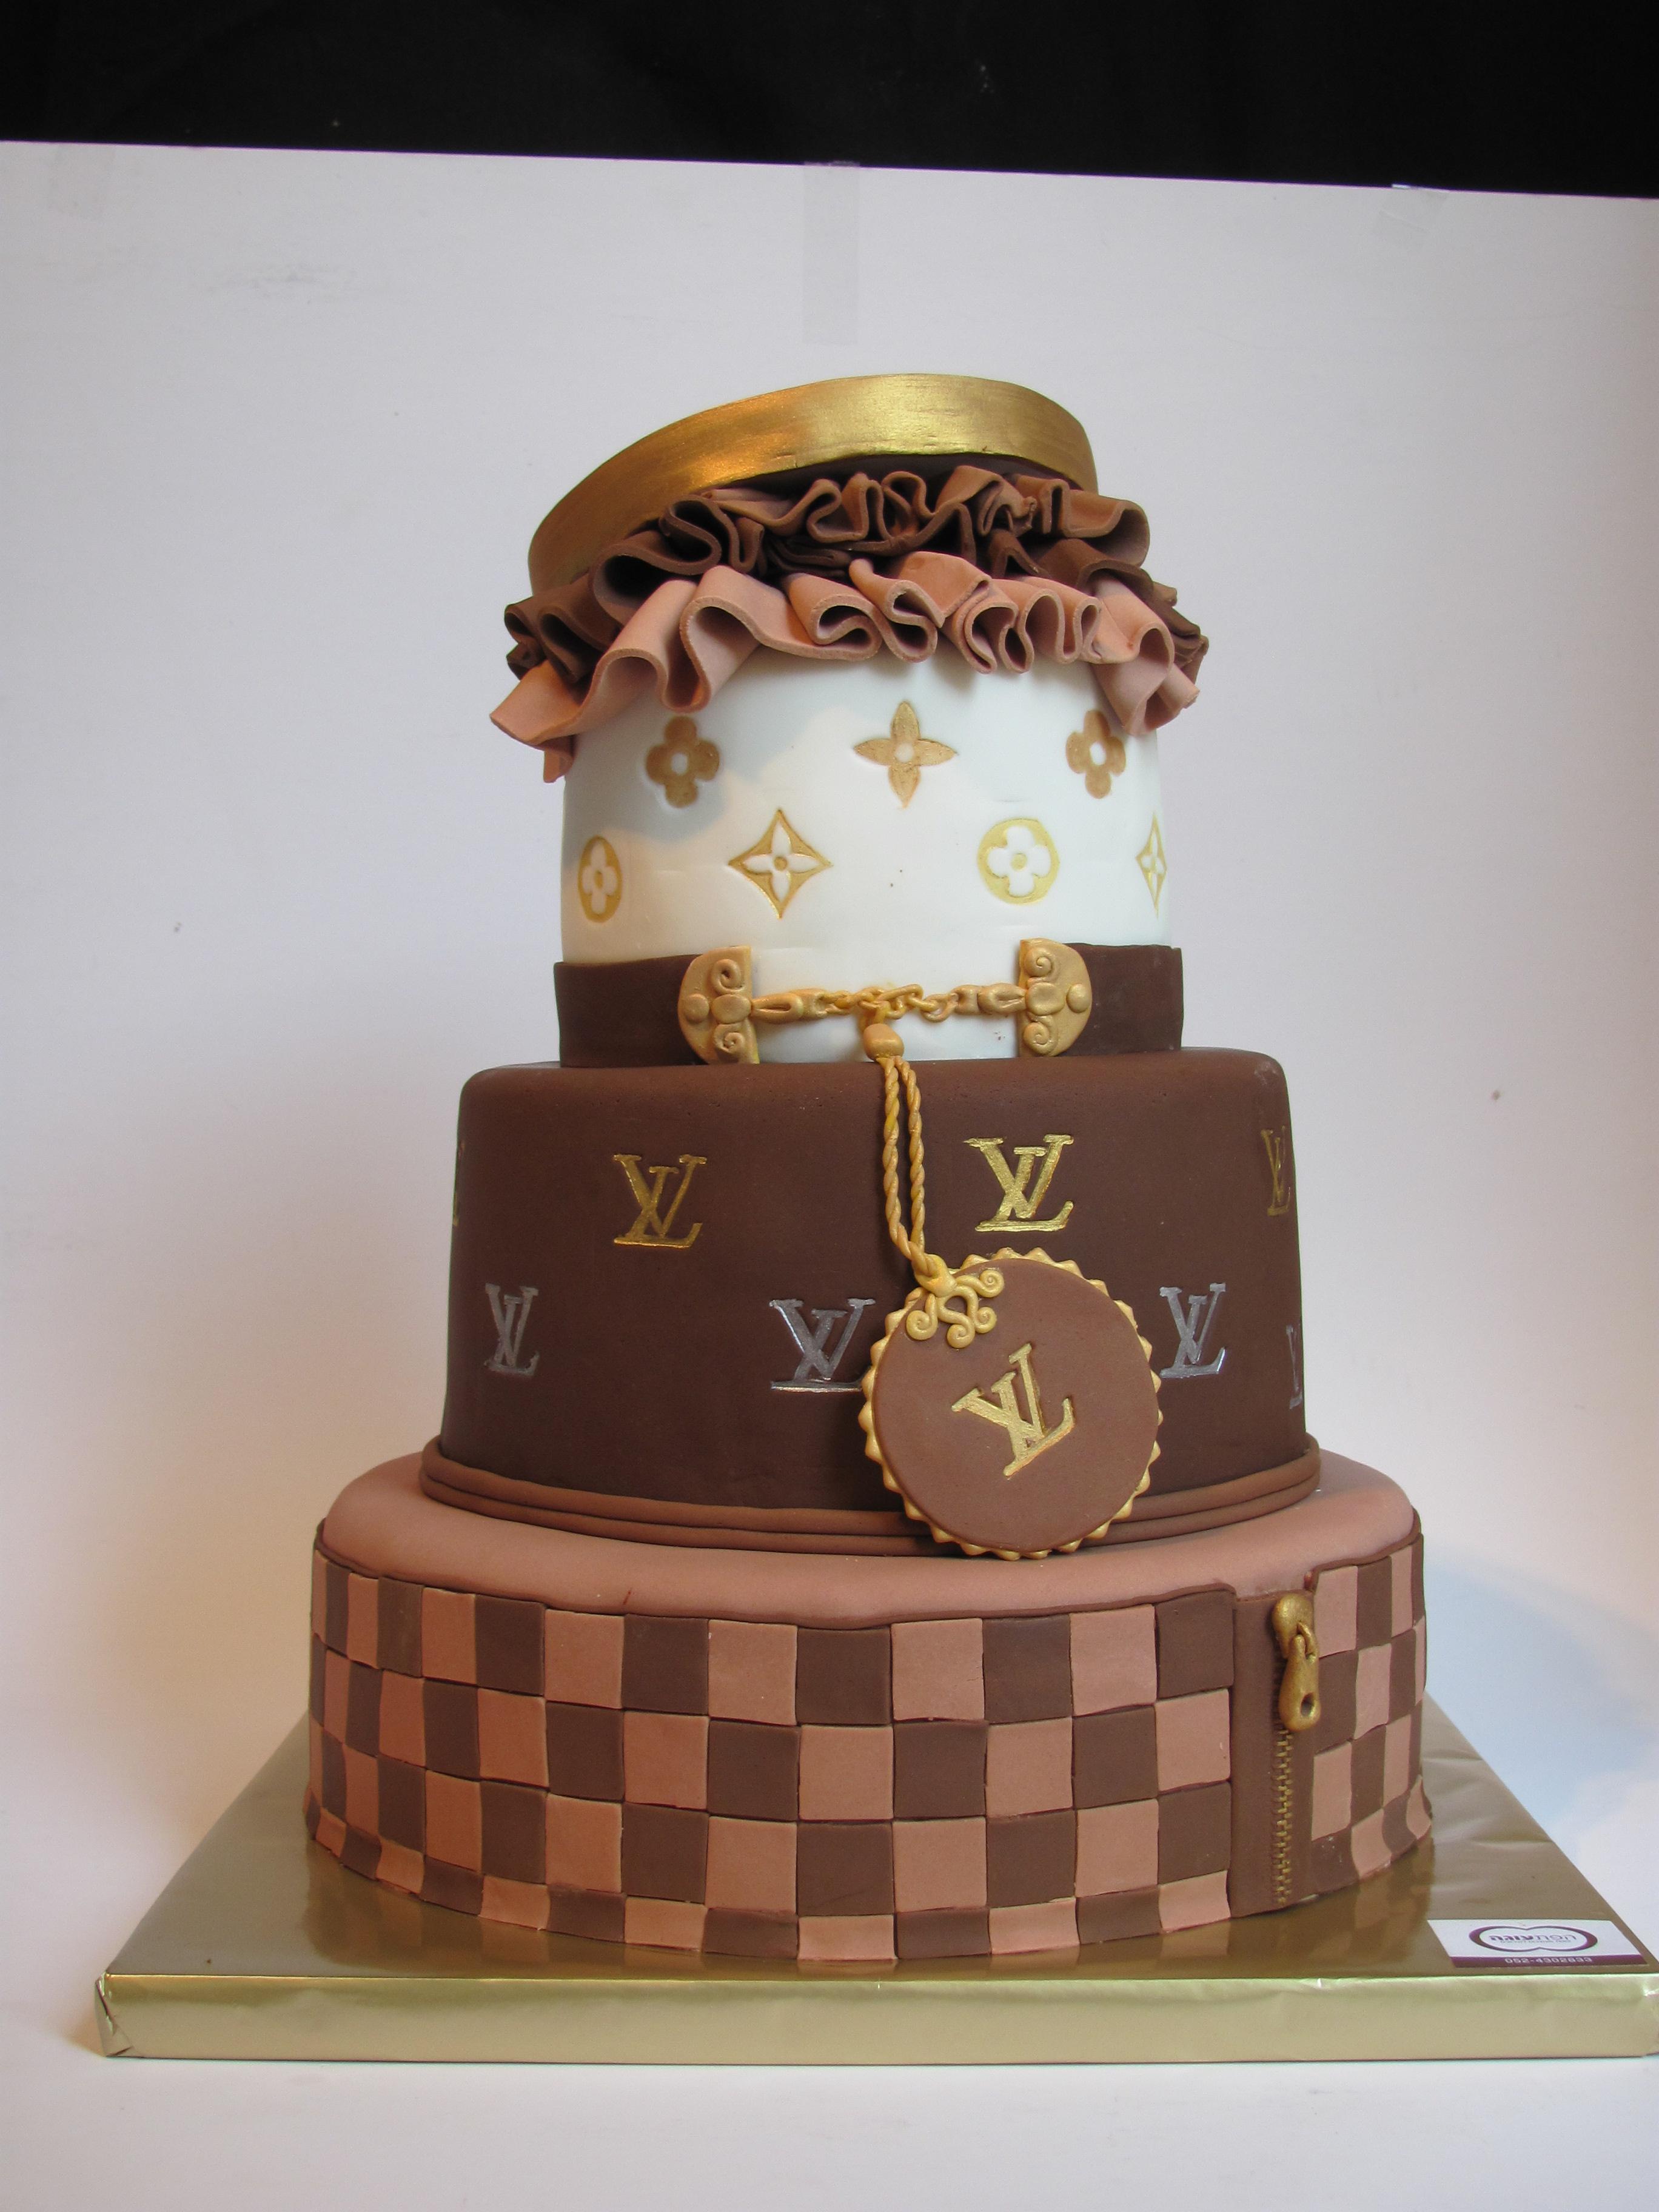 עוגת לואי וויטון